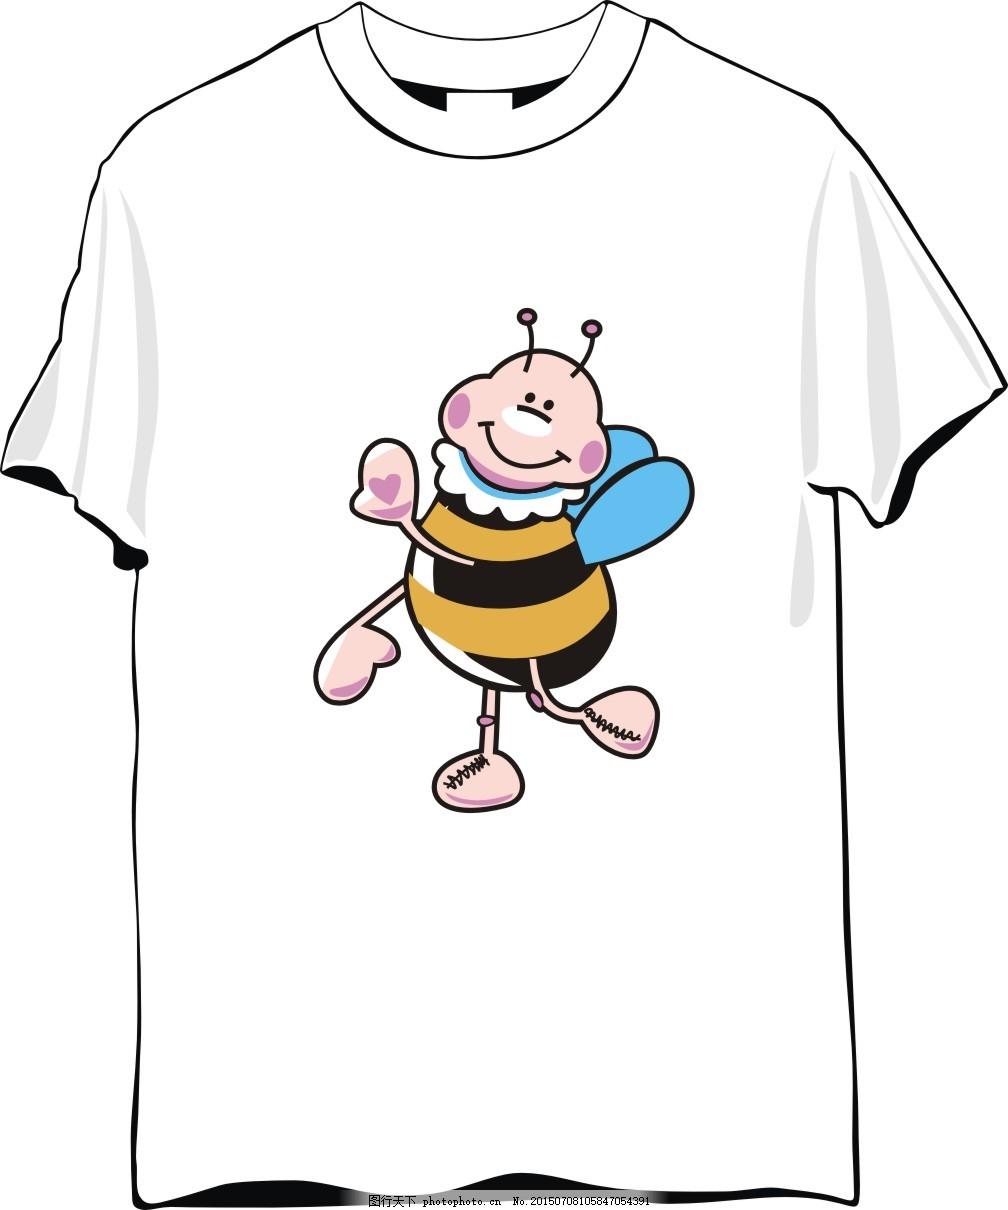 纪念t恤设计蜜蜂 纪念t恤设计1 t恤 白色 涂鸦 手绘 彩色 卡通 矢量图